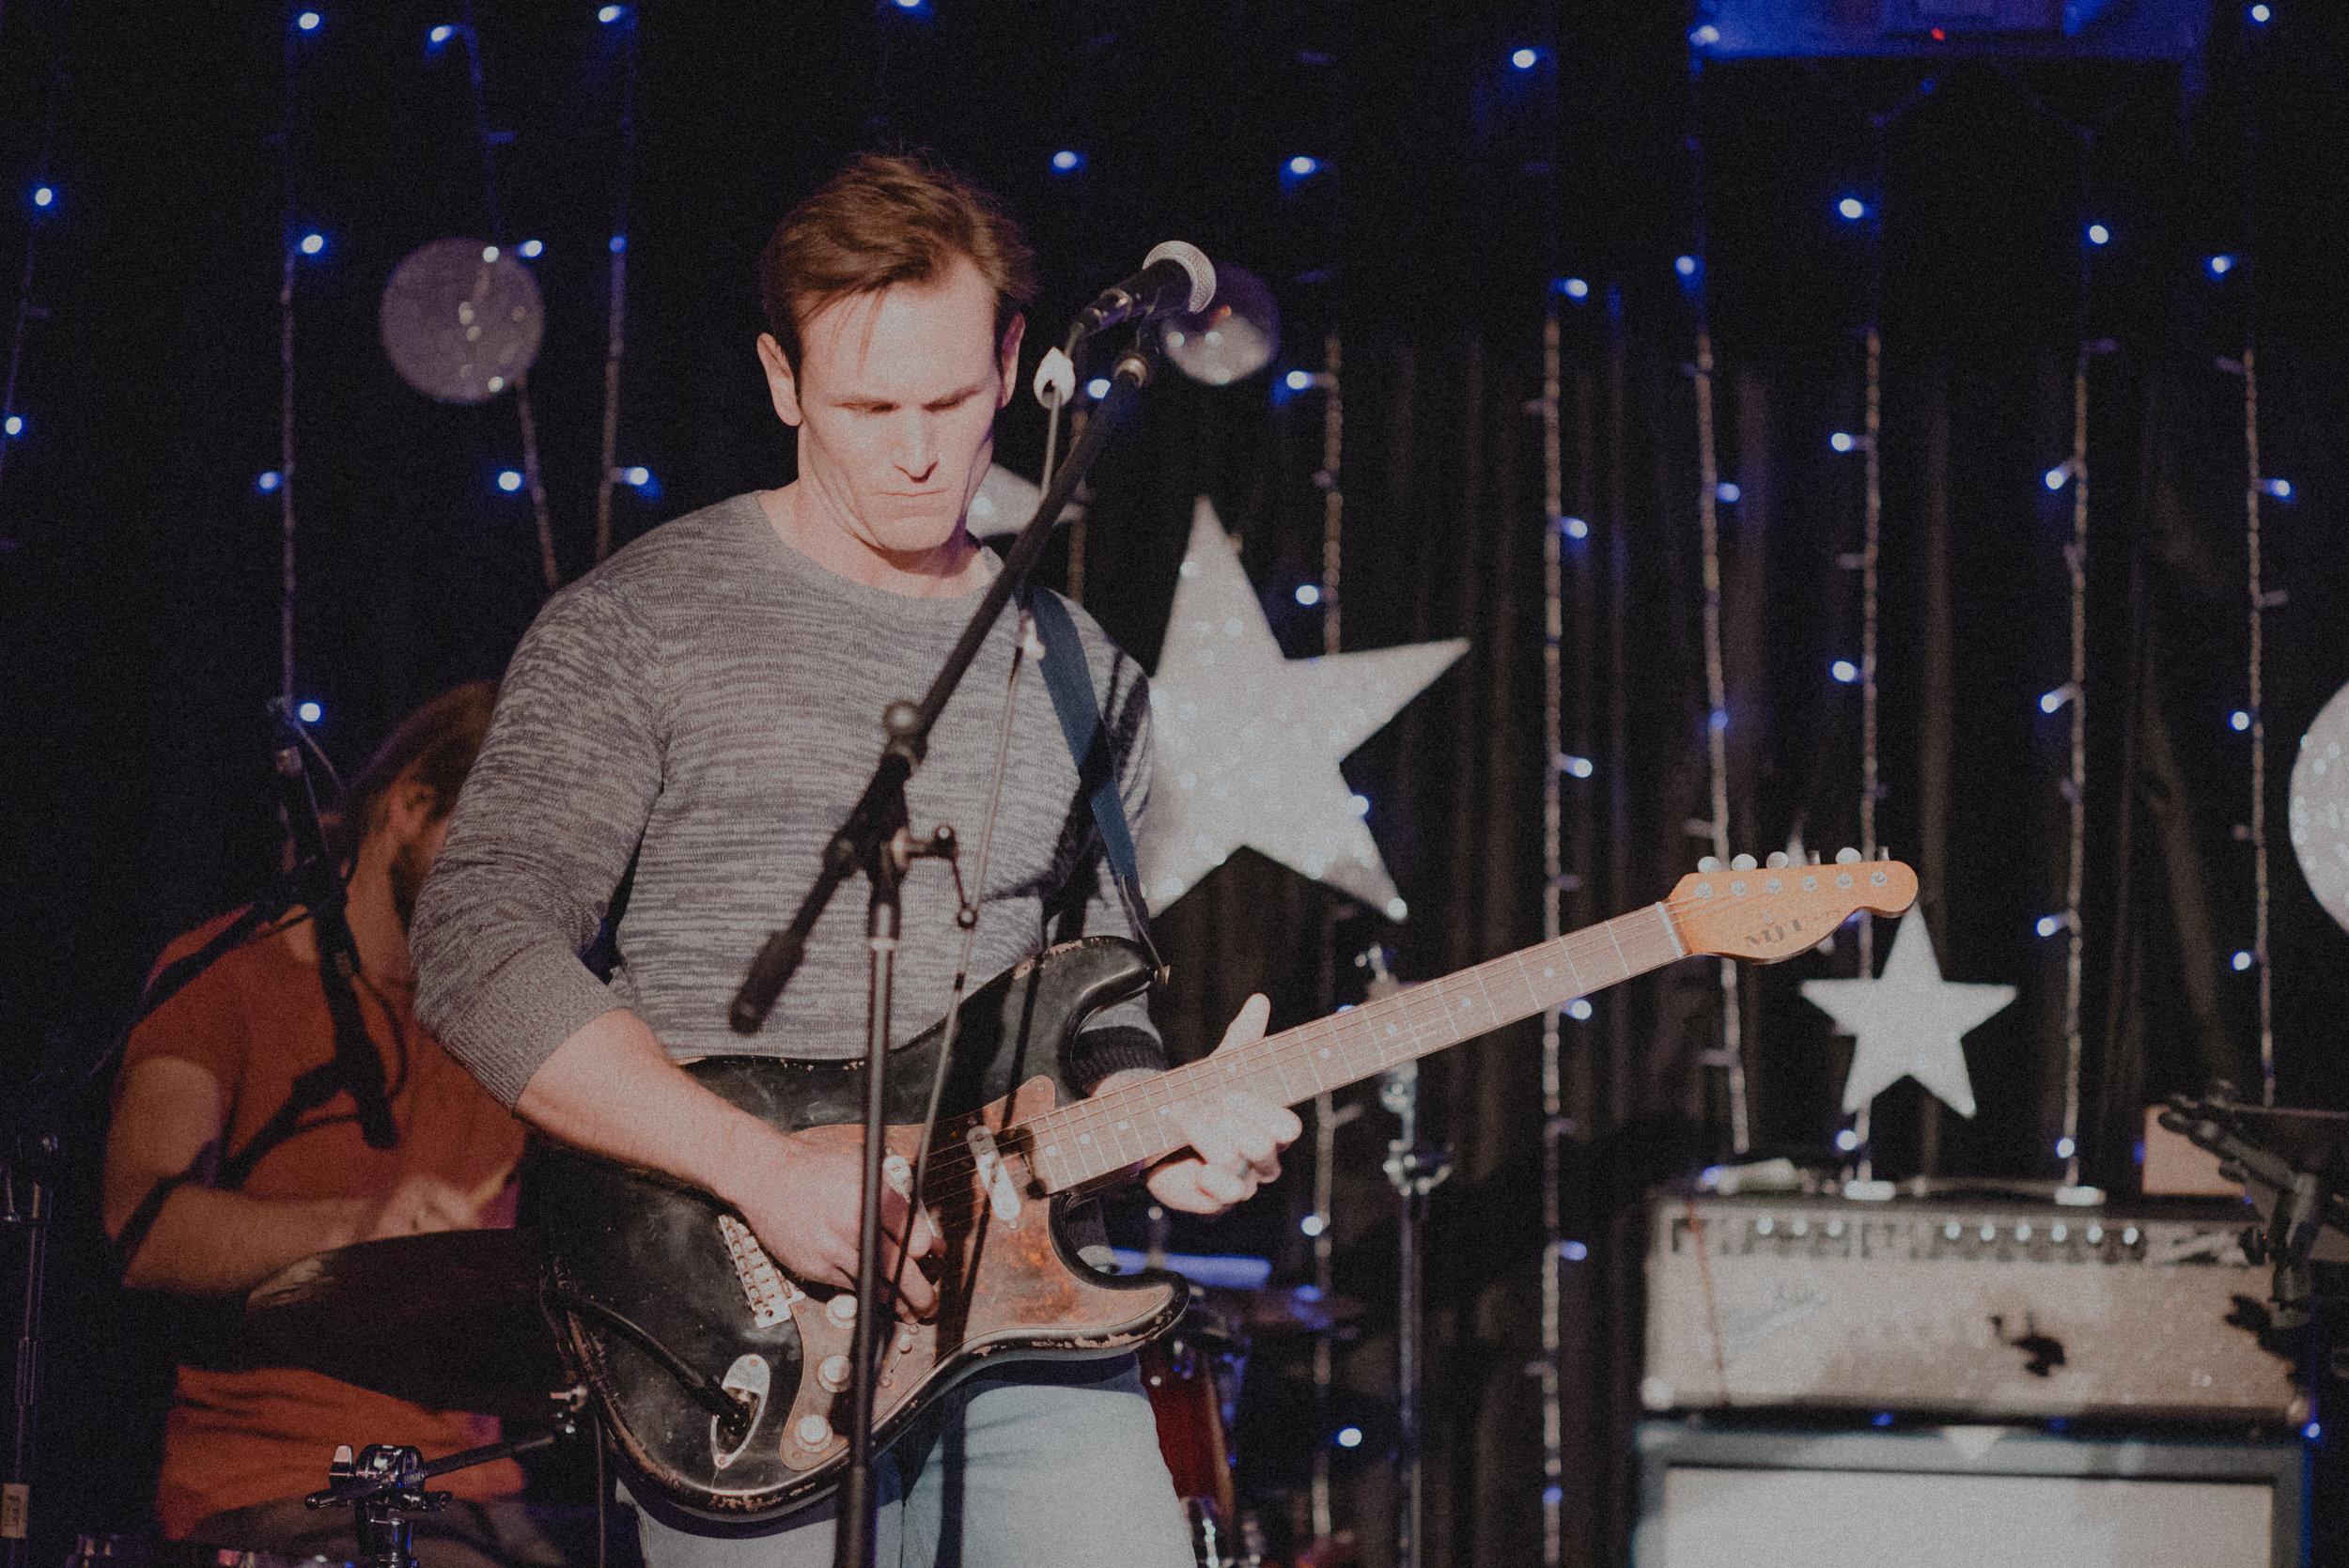 the-great-palumbo-guitarist.jpg